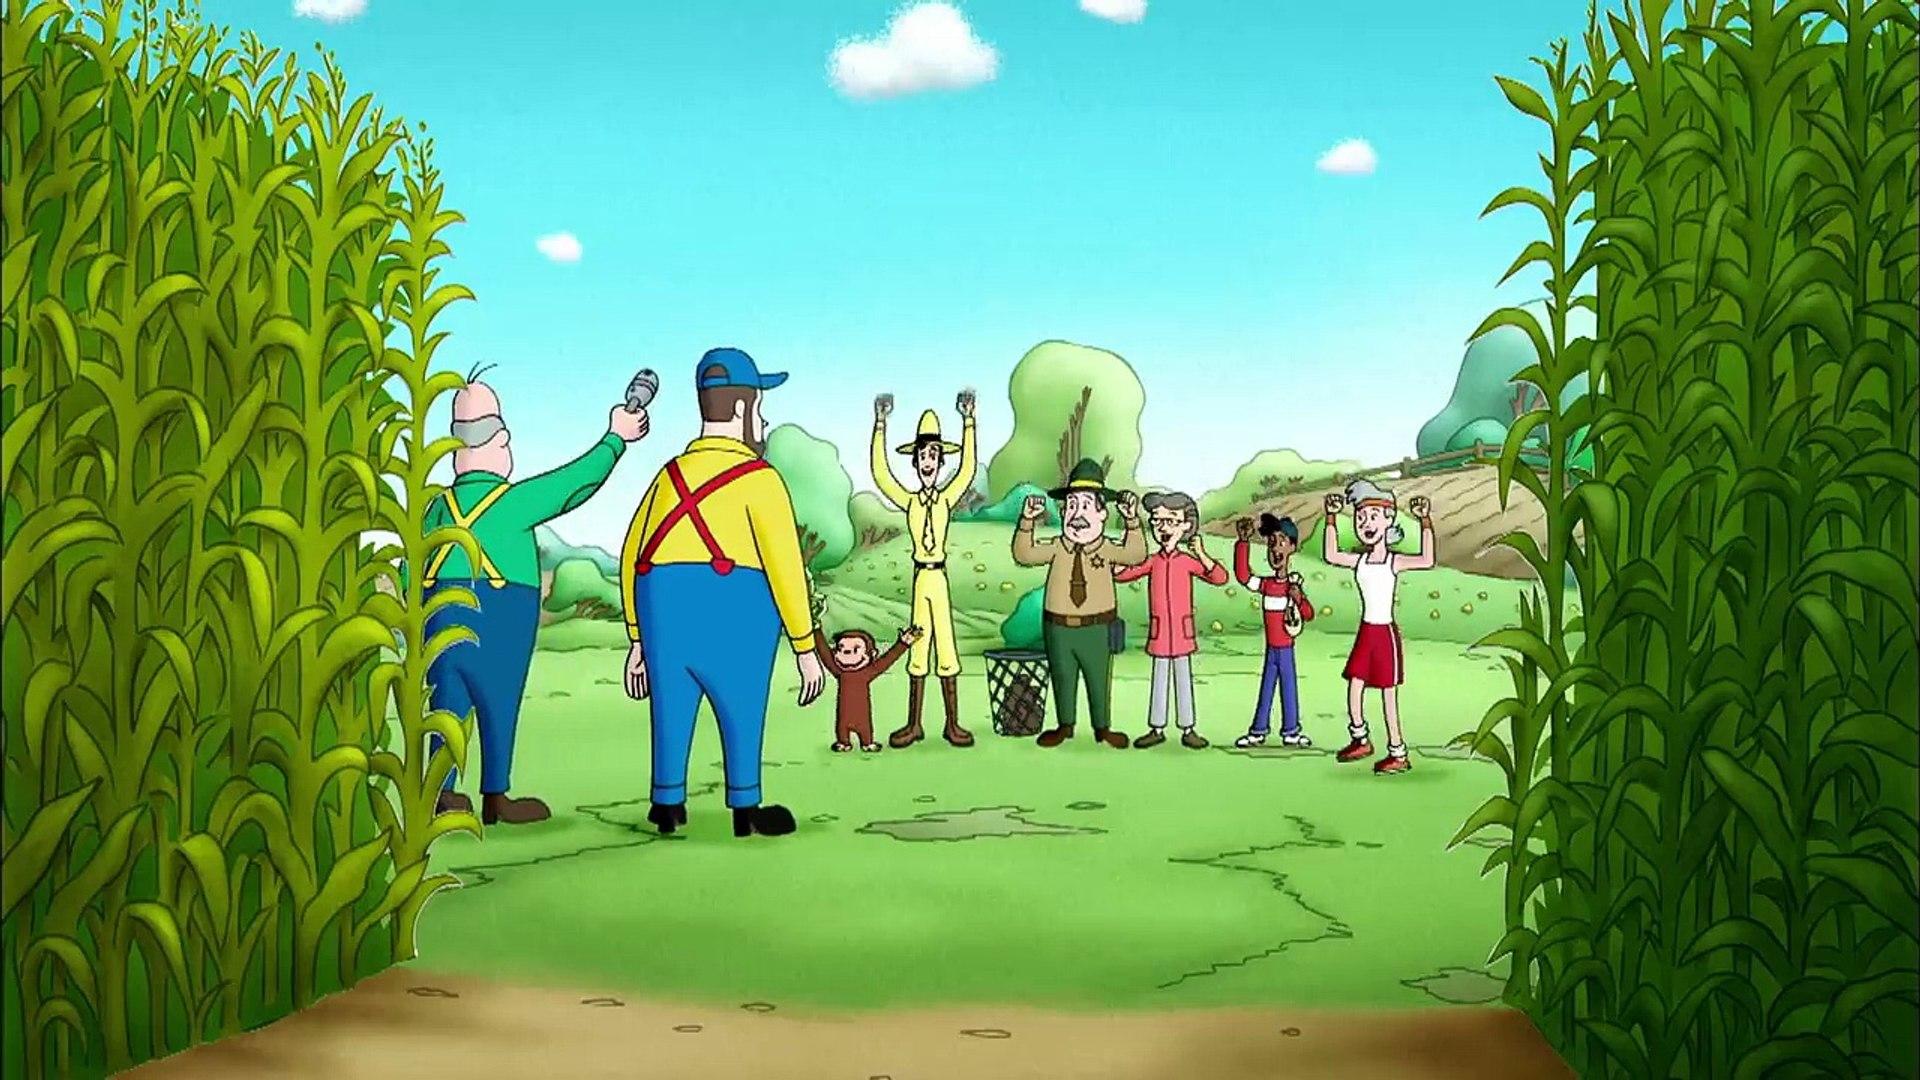 おさるのジョージ あっちだ こっちだ Tvアニメシリーズシーズン3